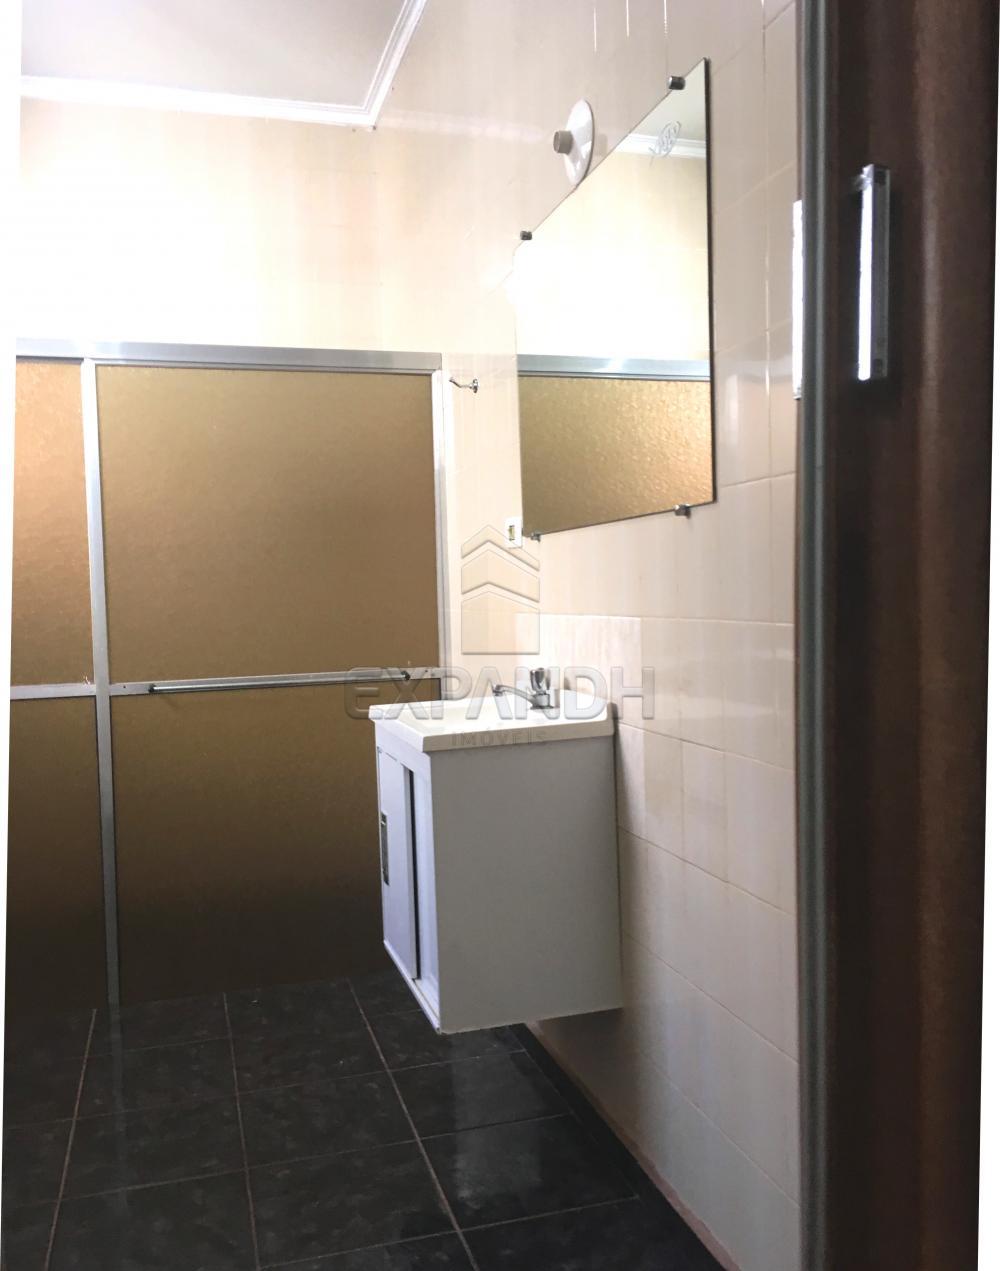 Comprar Casas / Padrão em Sertãozinho R$ 410.000,00 - Foto 7